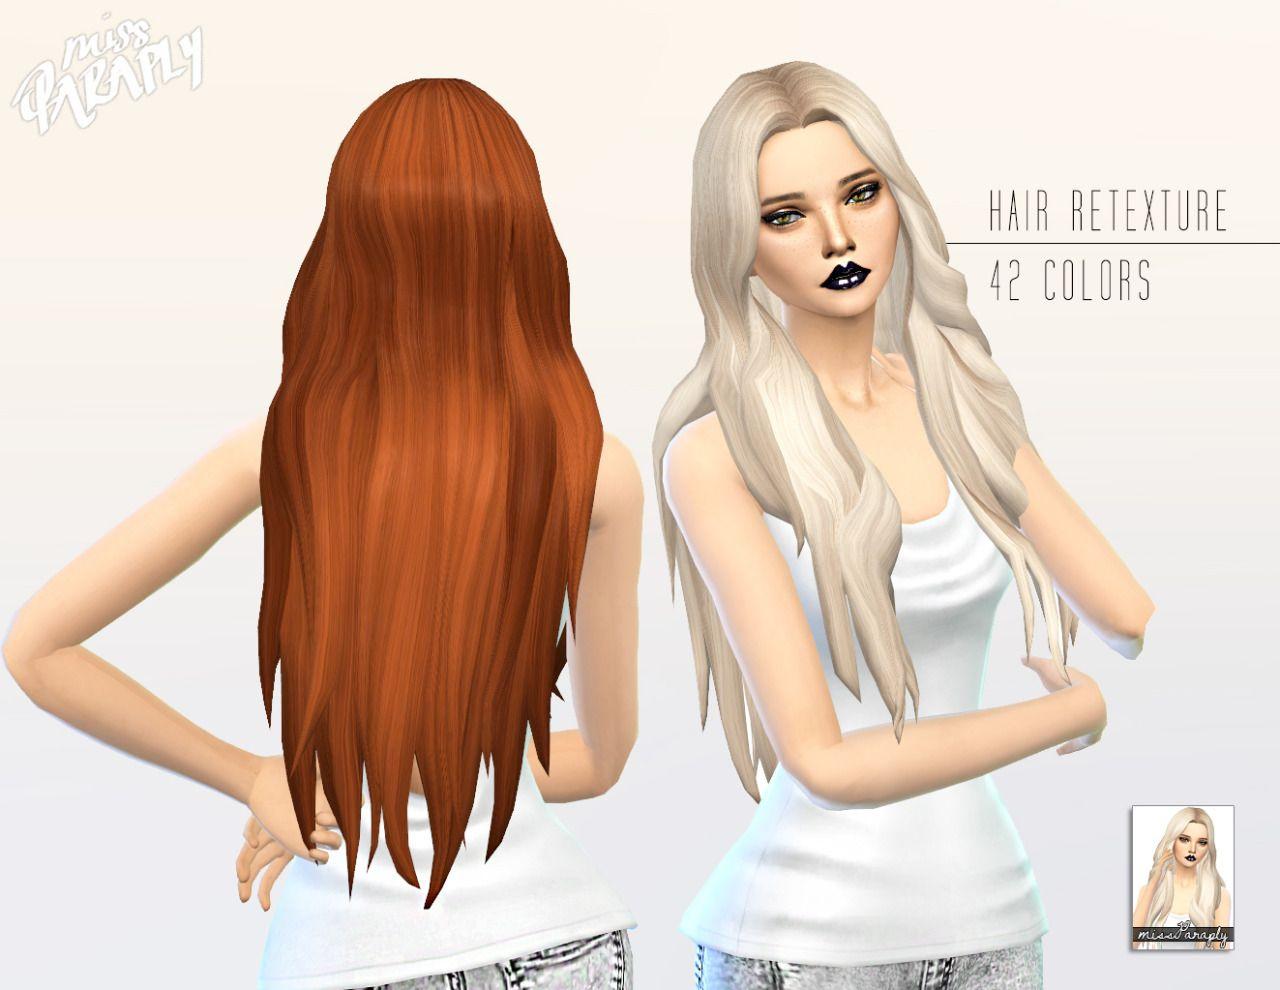 The sims 4 hairstyles cc - Miss Paraply Kiara 24 Mysterious Hairstyle Retextured Sims 4 Hairs Http The Simssims Ccsims